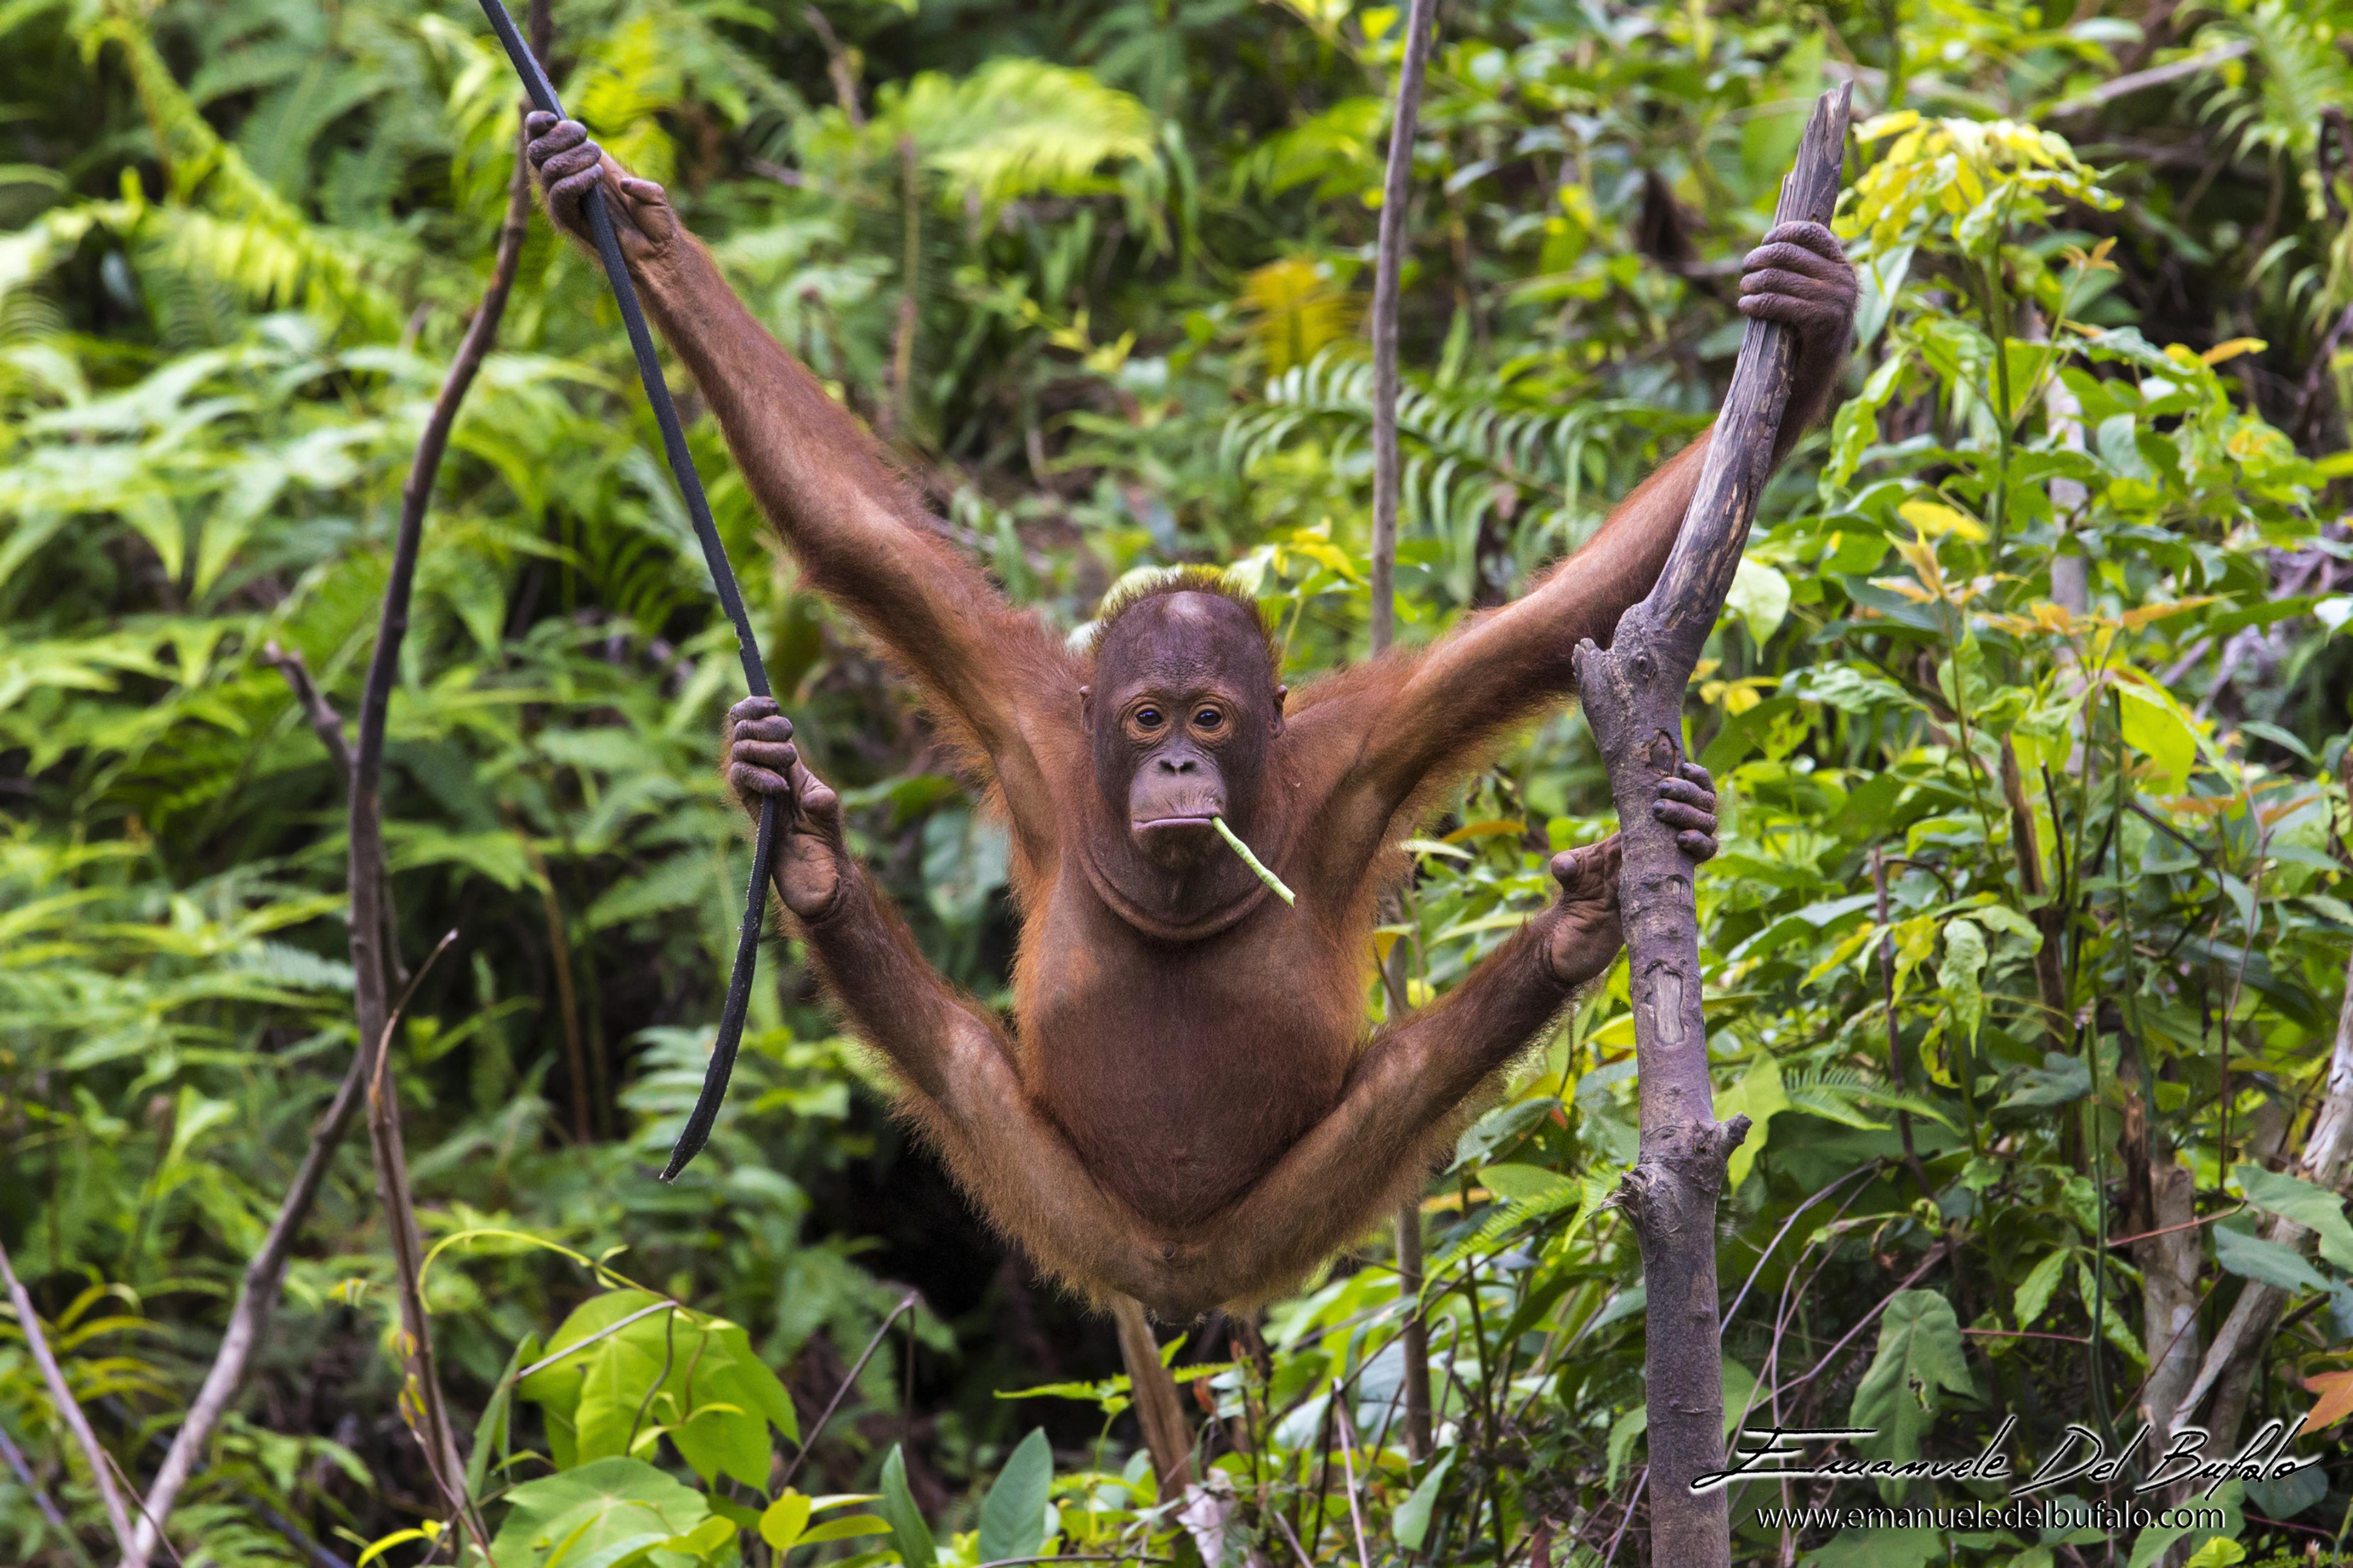 emanueledelbufalo.com #orangutan #borneo #jungle #sanboja #sarawak